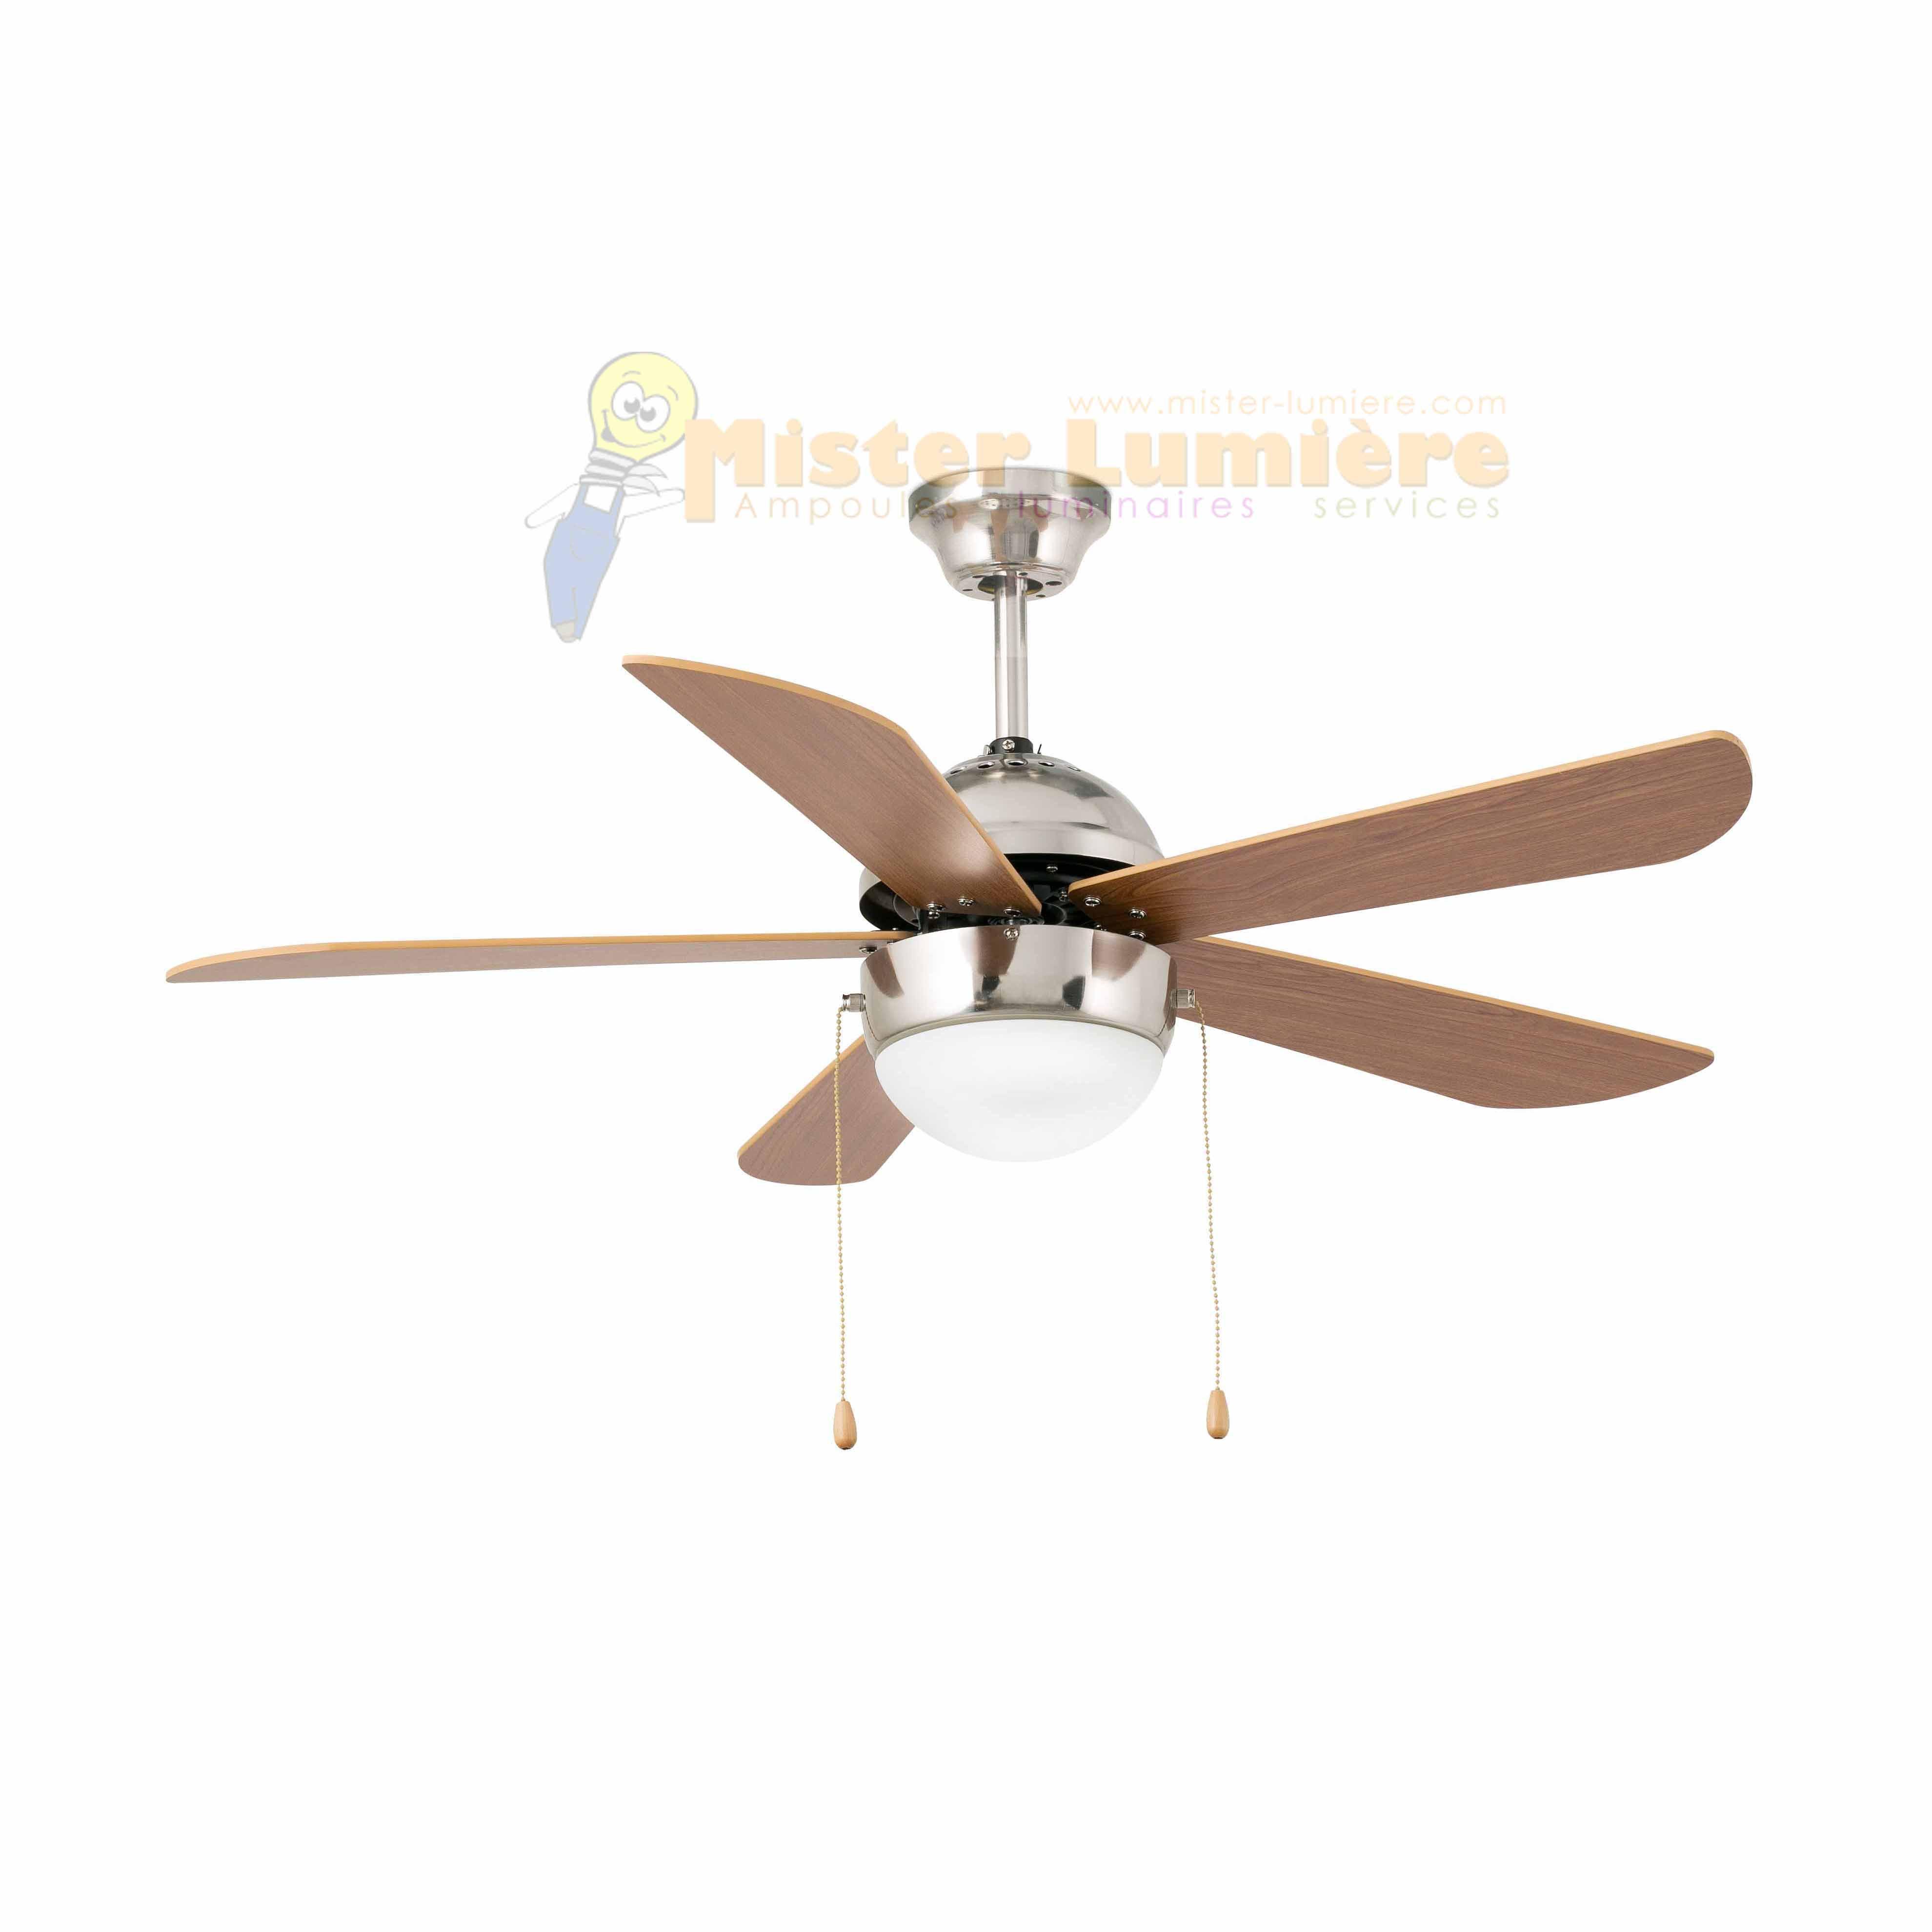 Ventilateur de plafond lumineux veneto nickel mat - Comment choisir un ventilateur de plafond ...